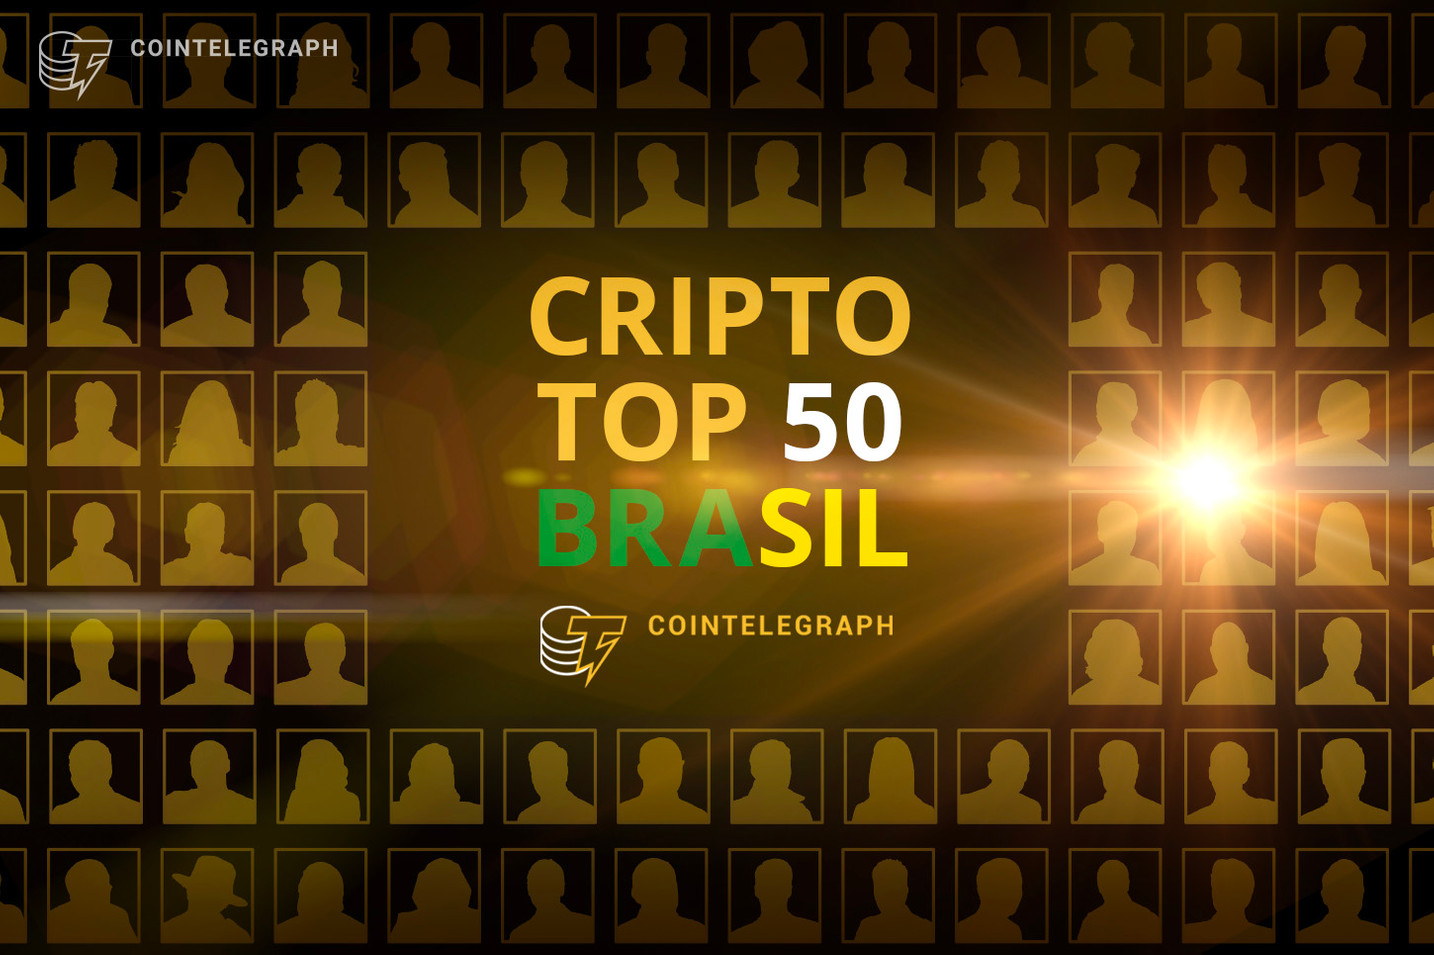 Brasil Top 50: confira quem ficou entre a 50ª e a 41ª colocações